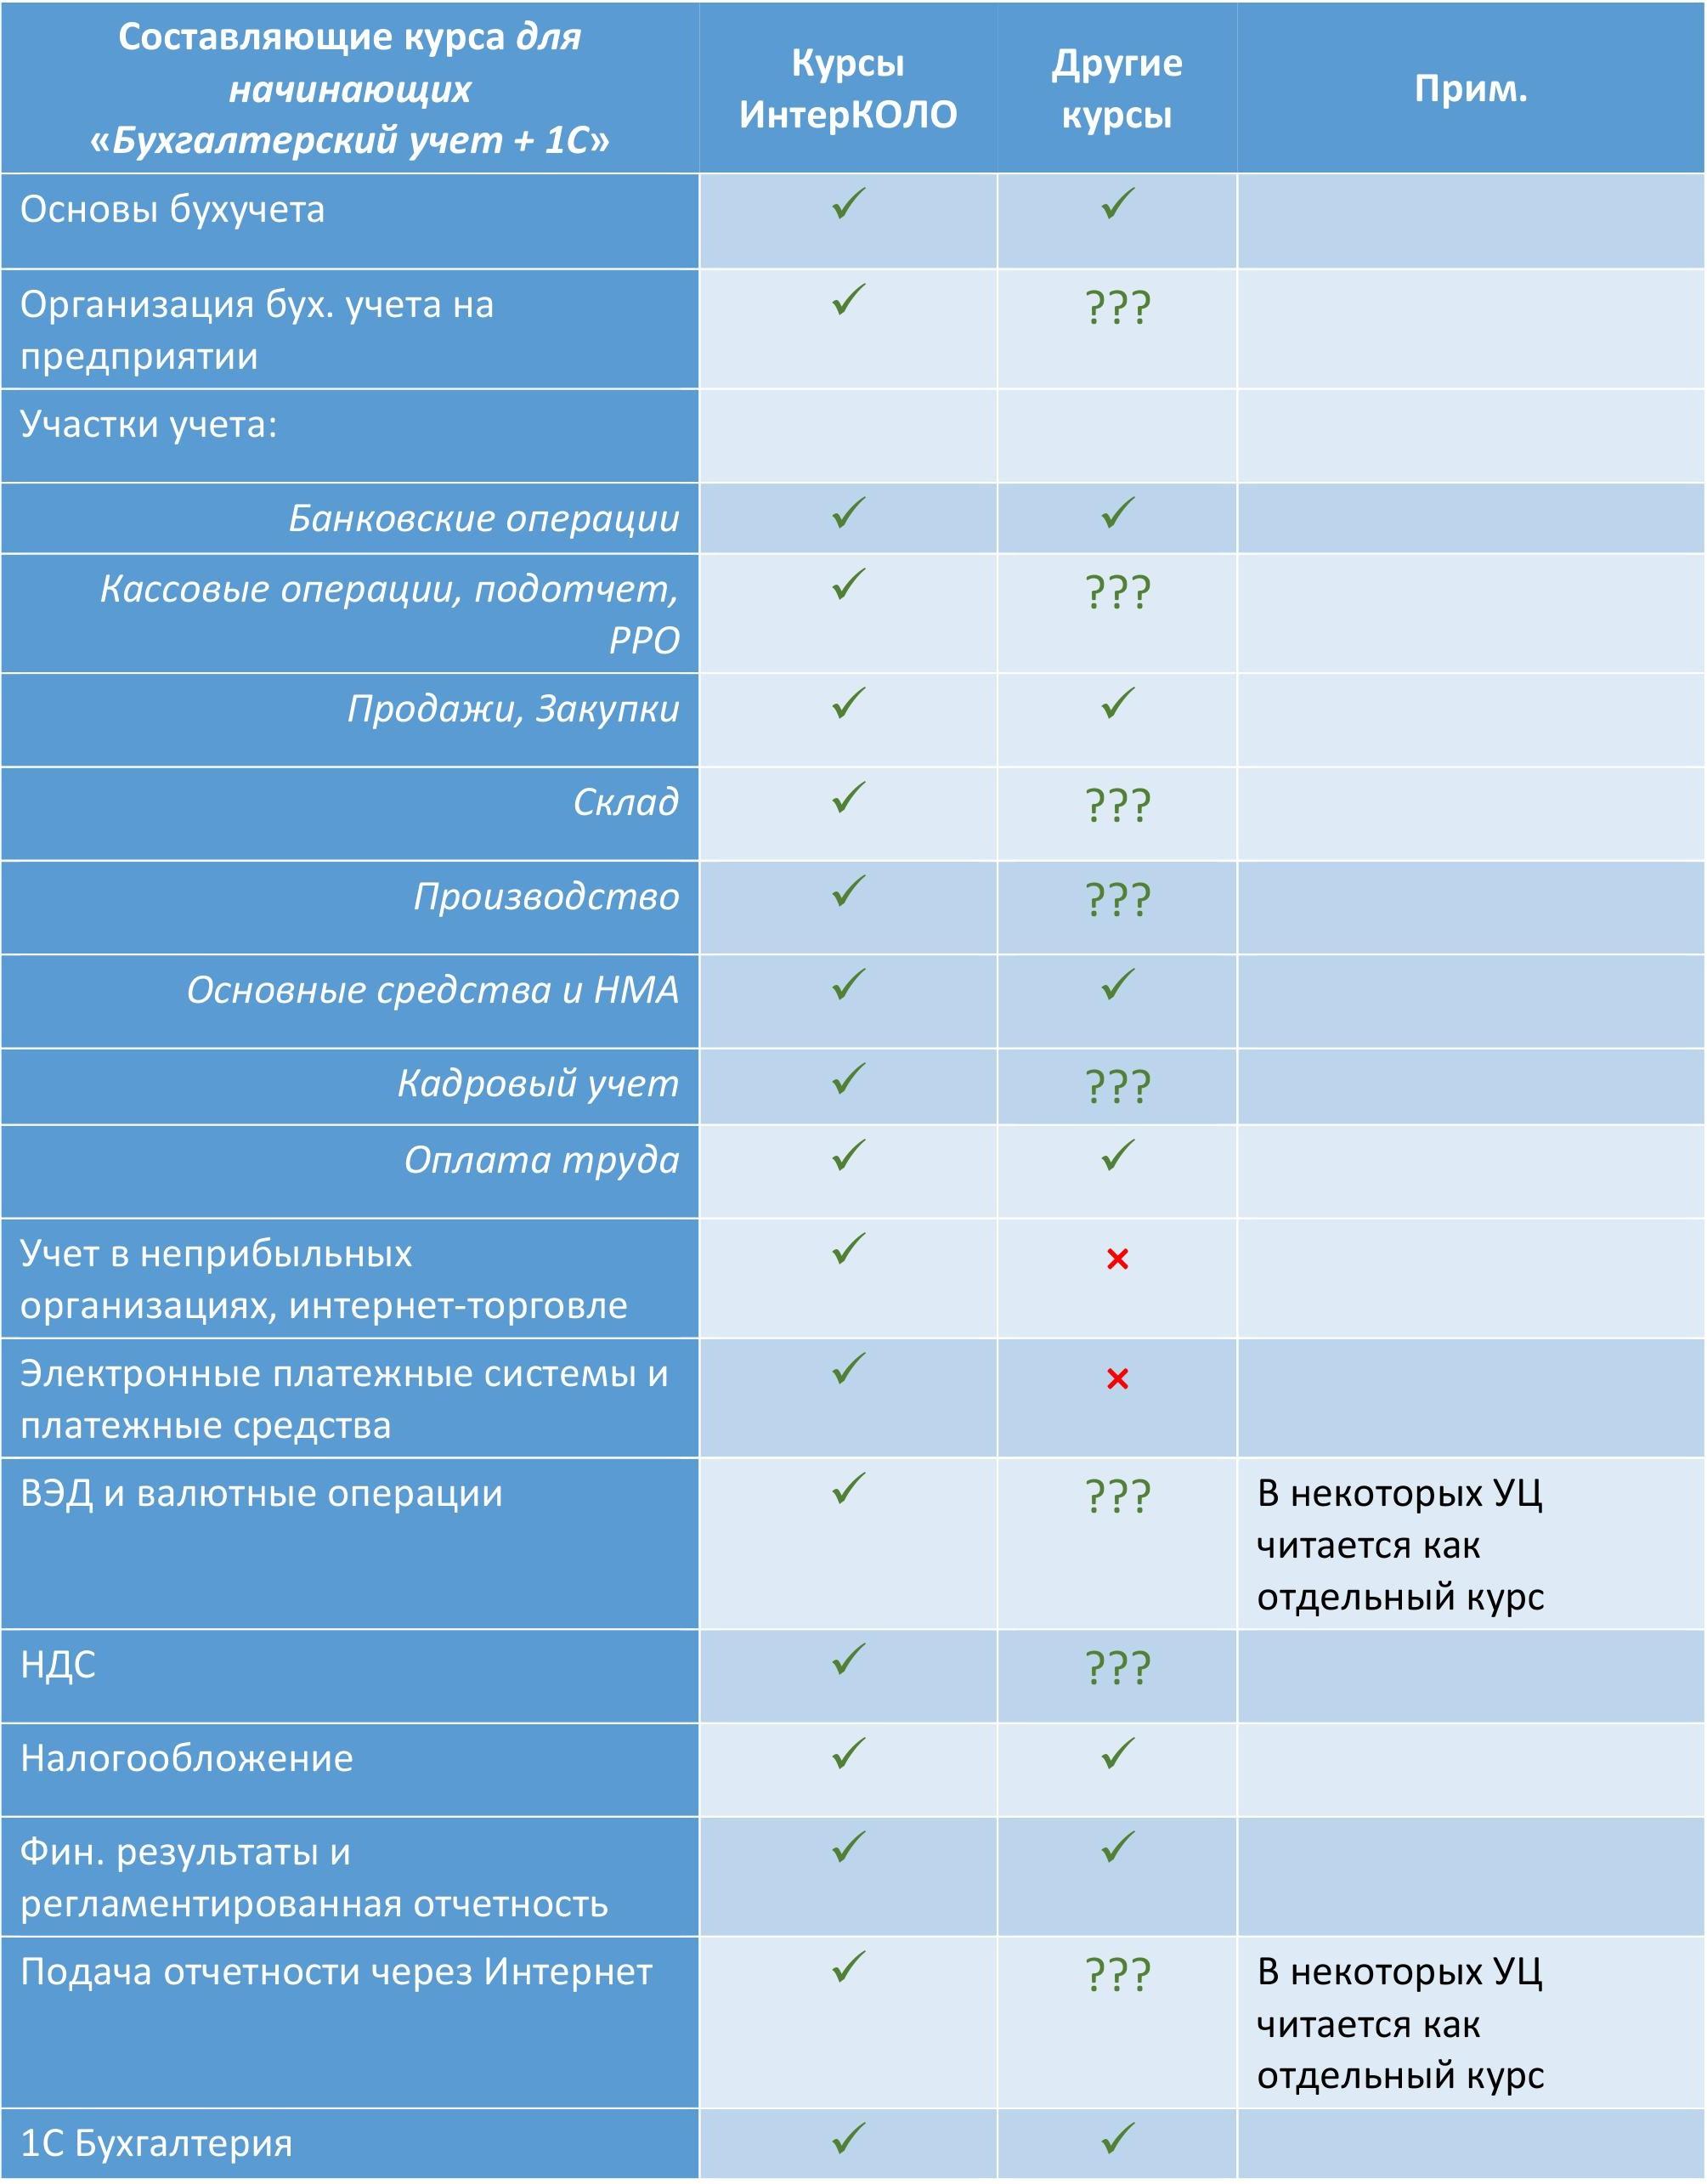 Как сравнить программу курса в разных учебных центрах